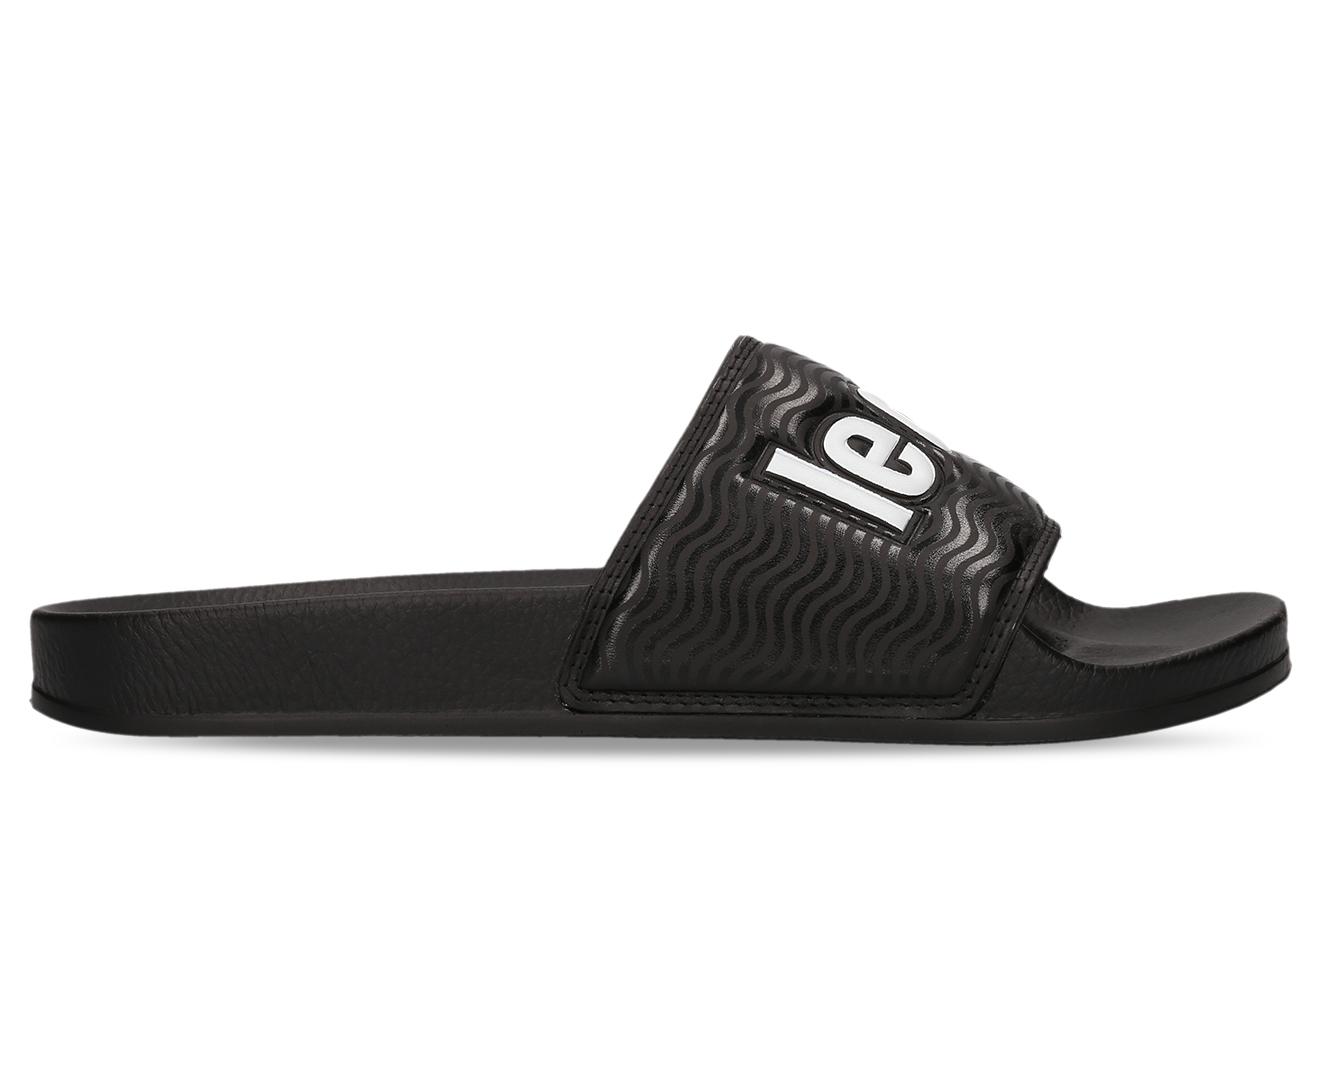 d644af1ce6f5 Le Coq Sportif Slide Sport Sandals - Black